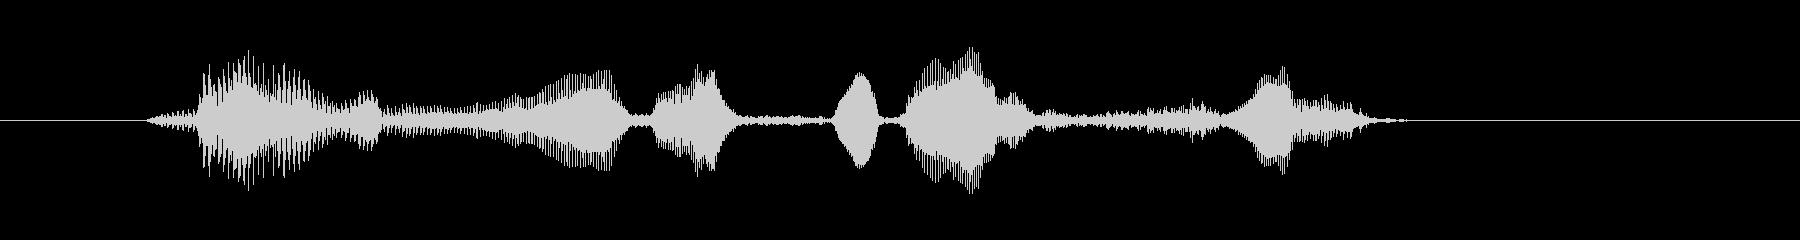 ロイヤルフラッシュ(女性・明るい)の未再生の波形